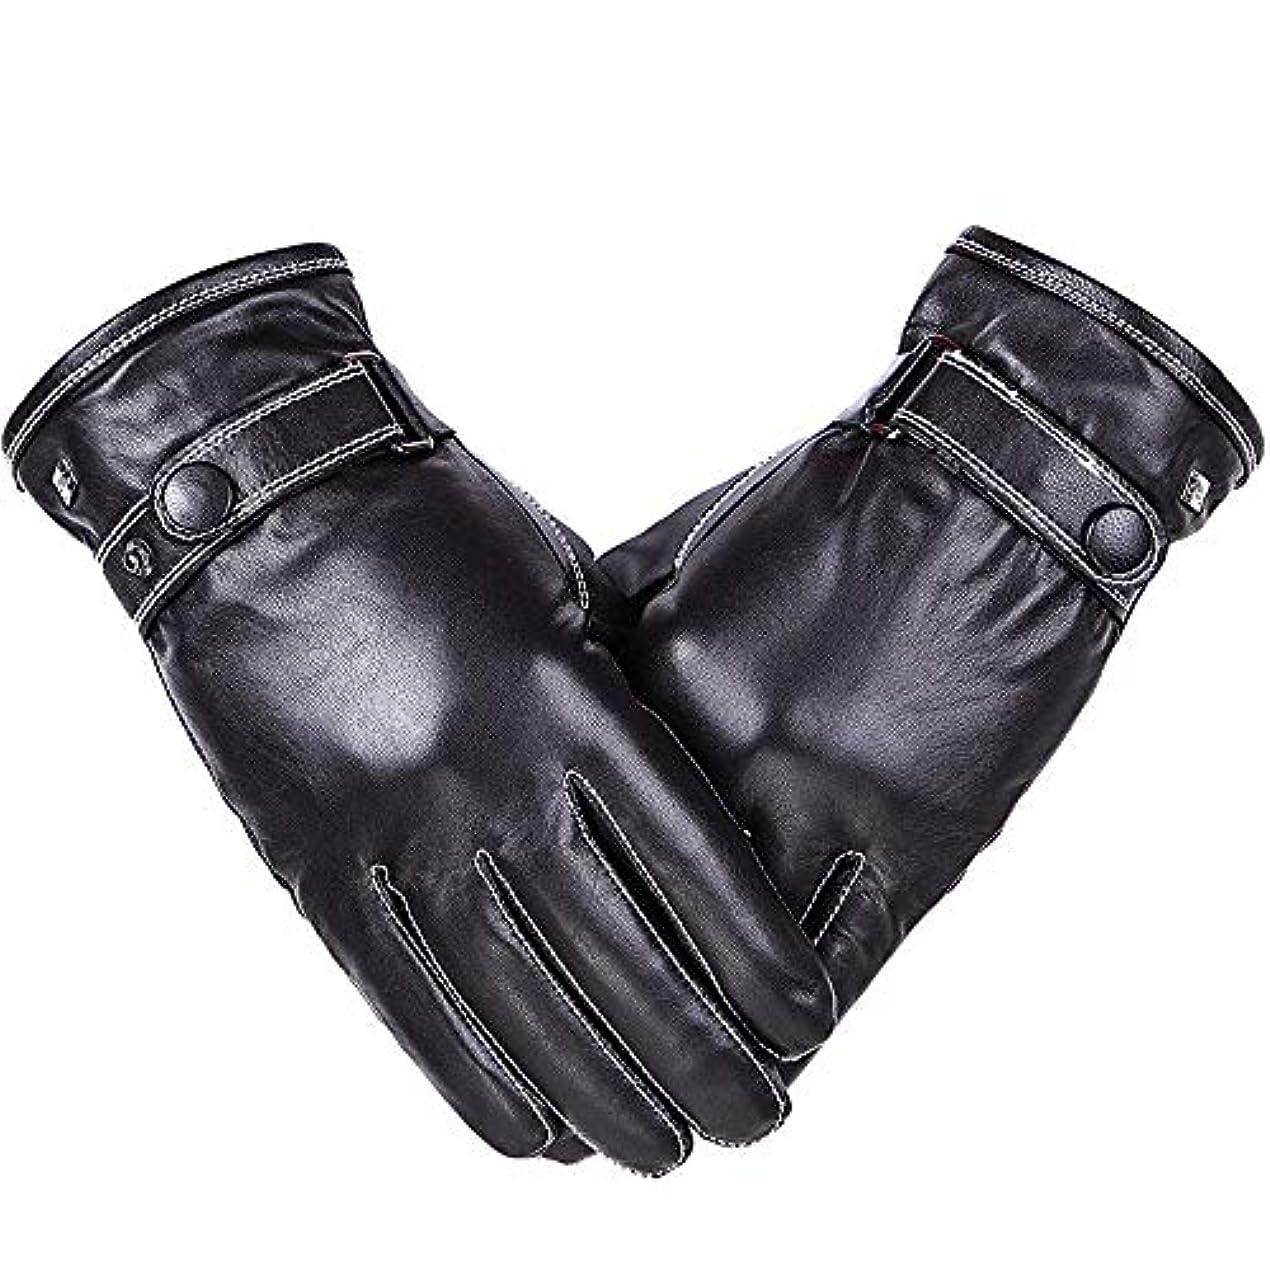 旋律的日付郡メンズ冬のサイクリングシープスキン厚い暖かい韓国の革手袋